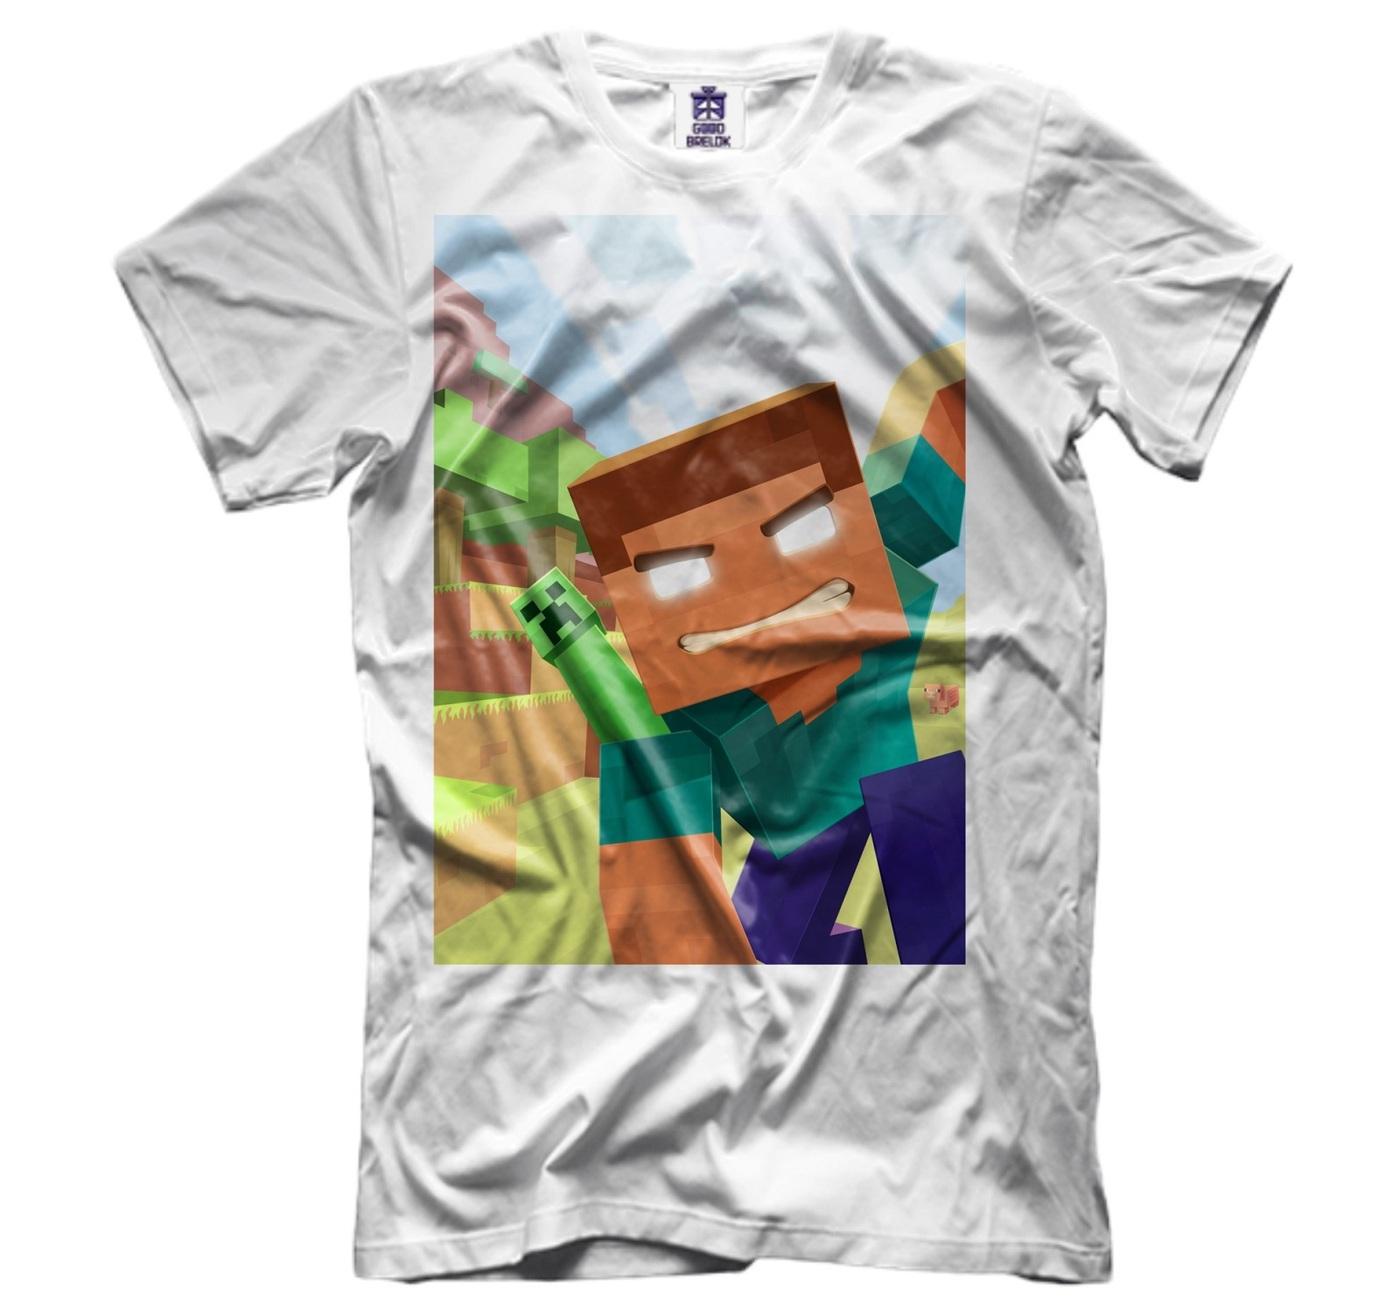 озон футболки с майнкрафт #3